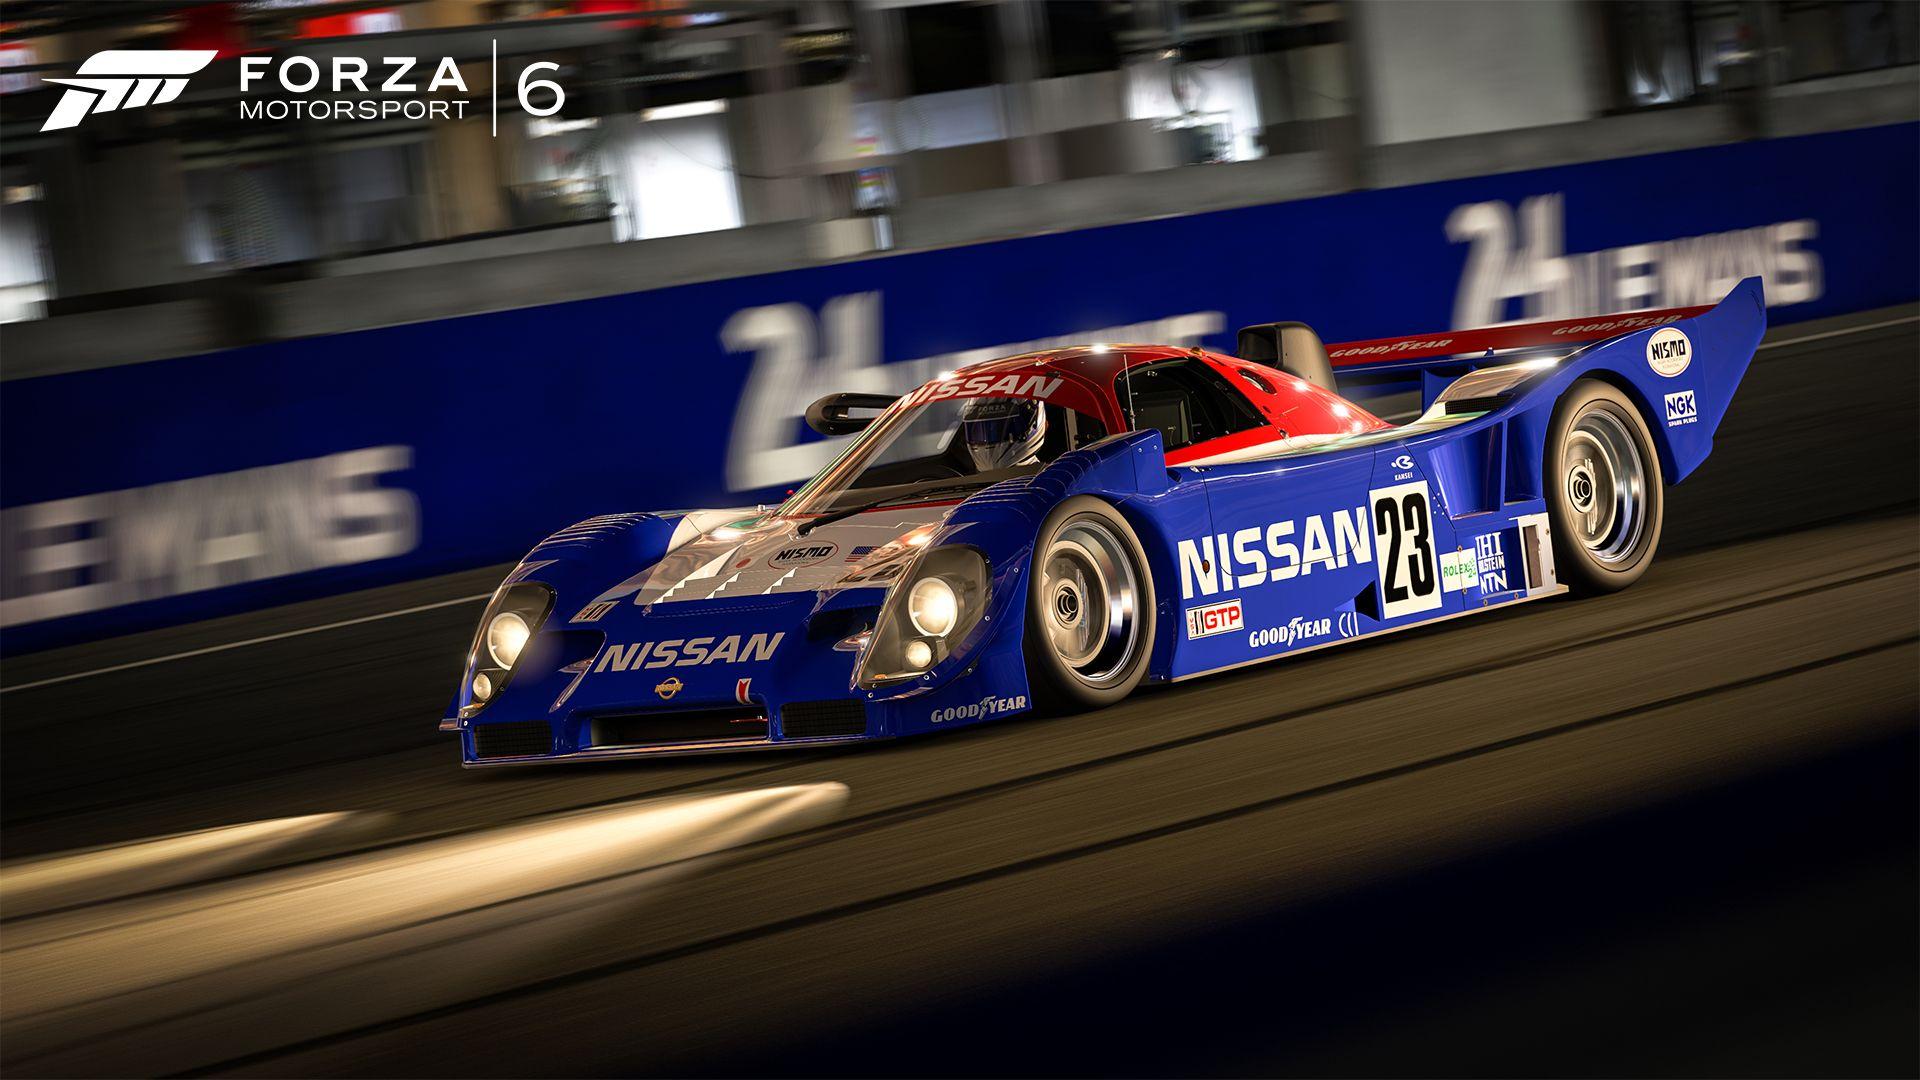 Forza Motorsport, la référence sur console